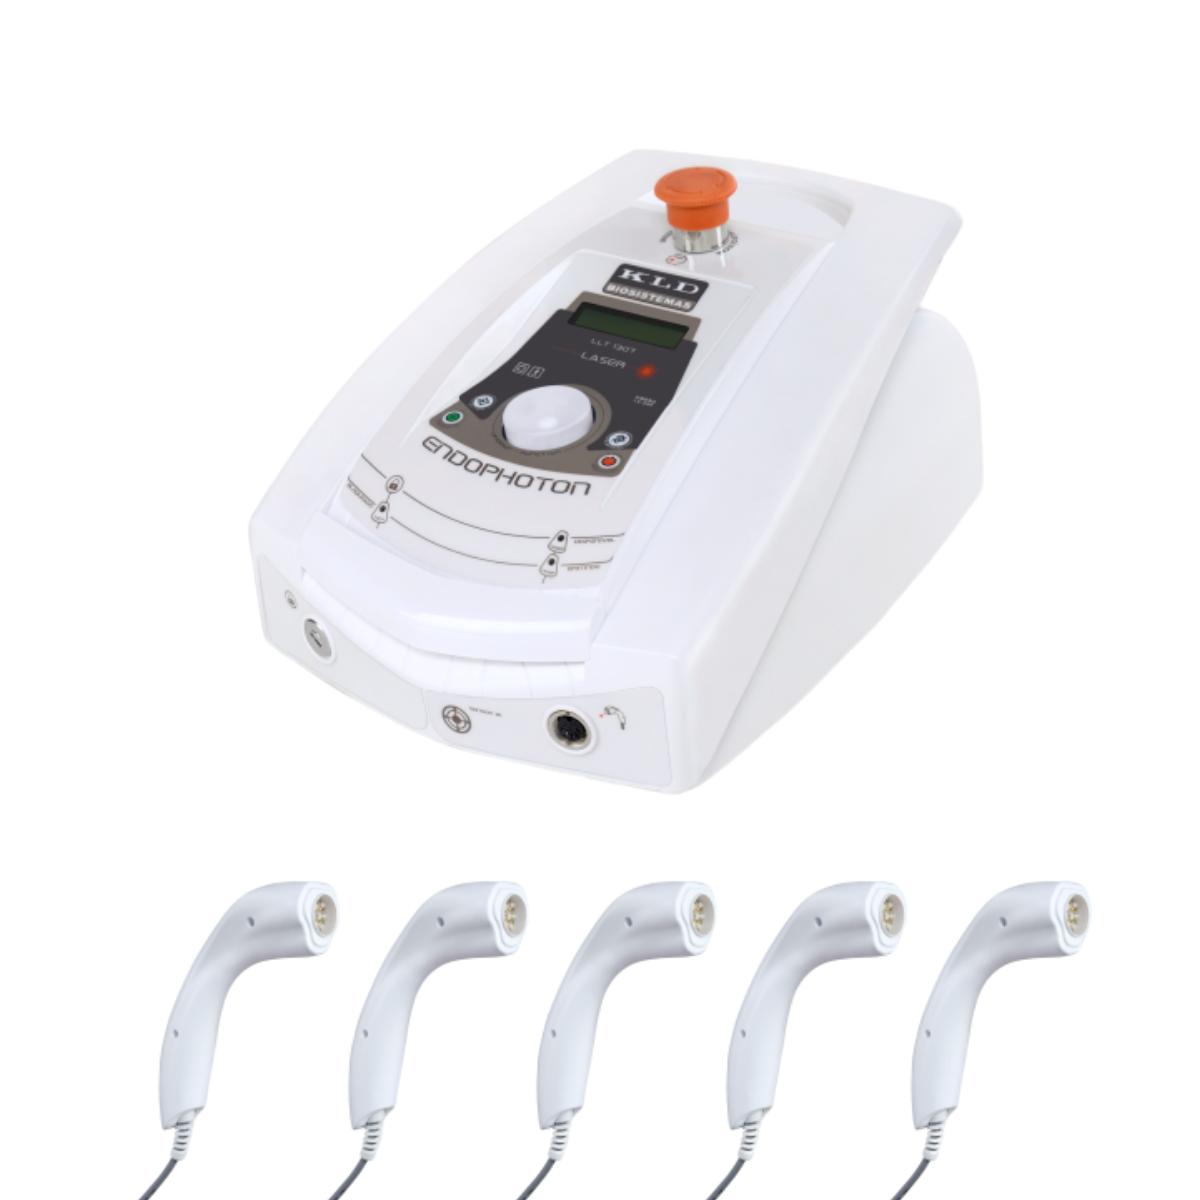 endophoton-esthetic-5-aplicadores-kld